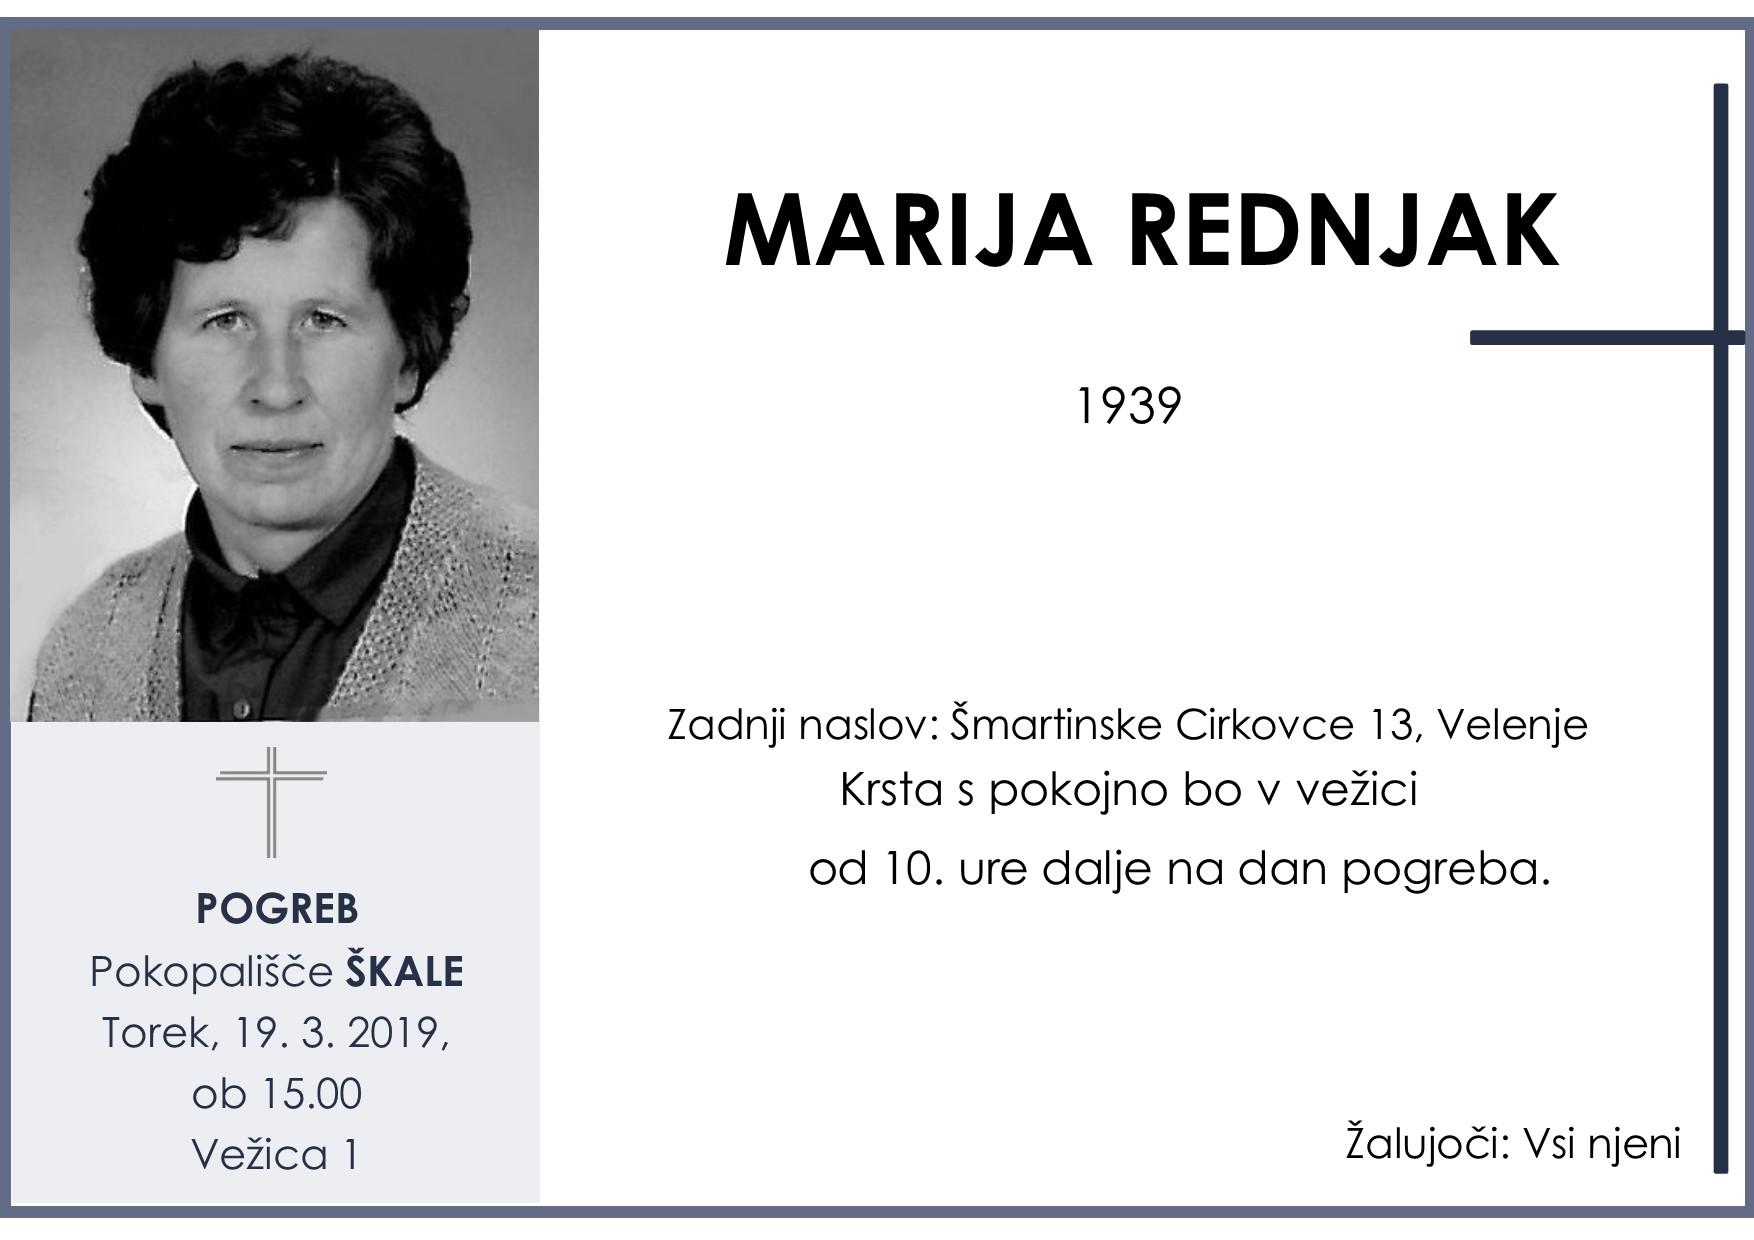 MARIJA REDNJAK, Škale, 19. 03. 2019